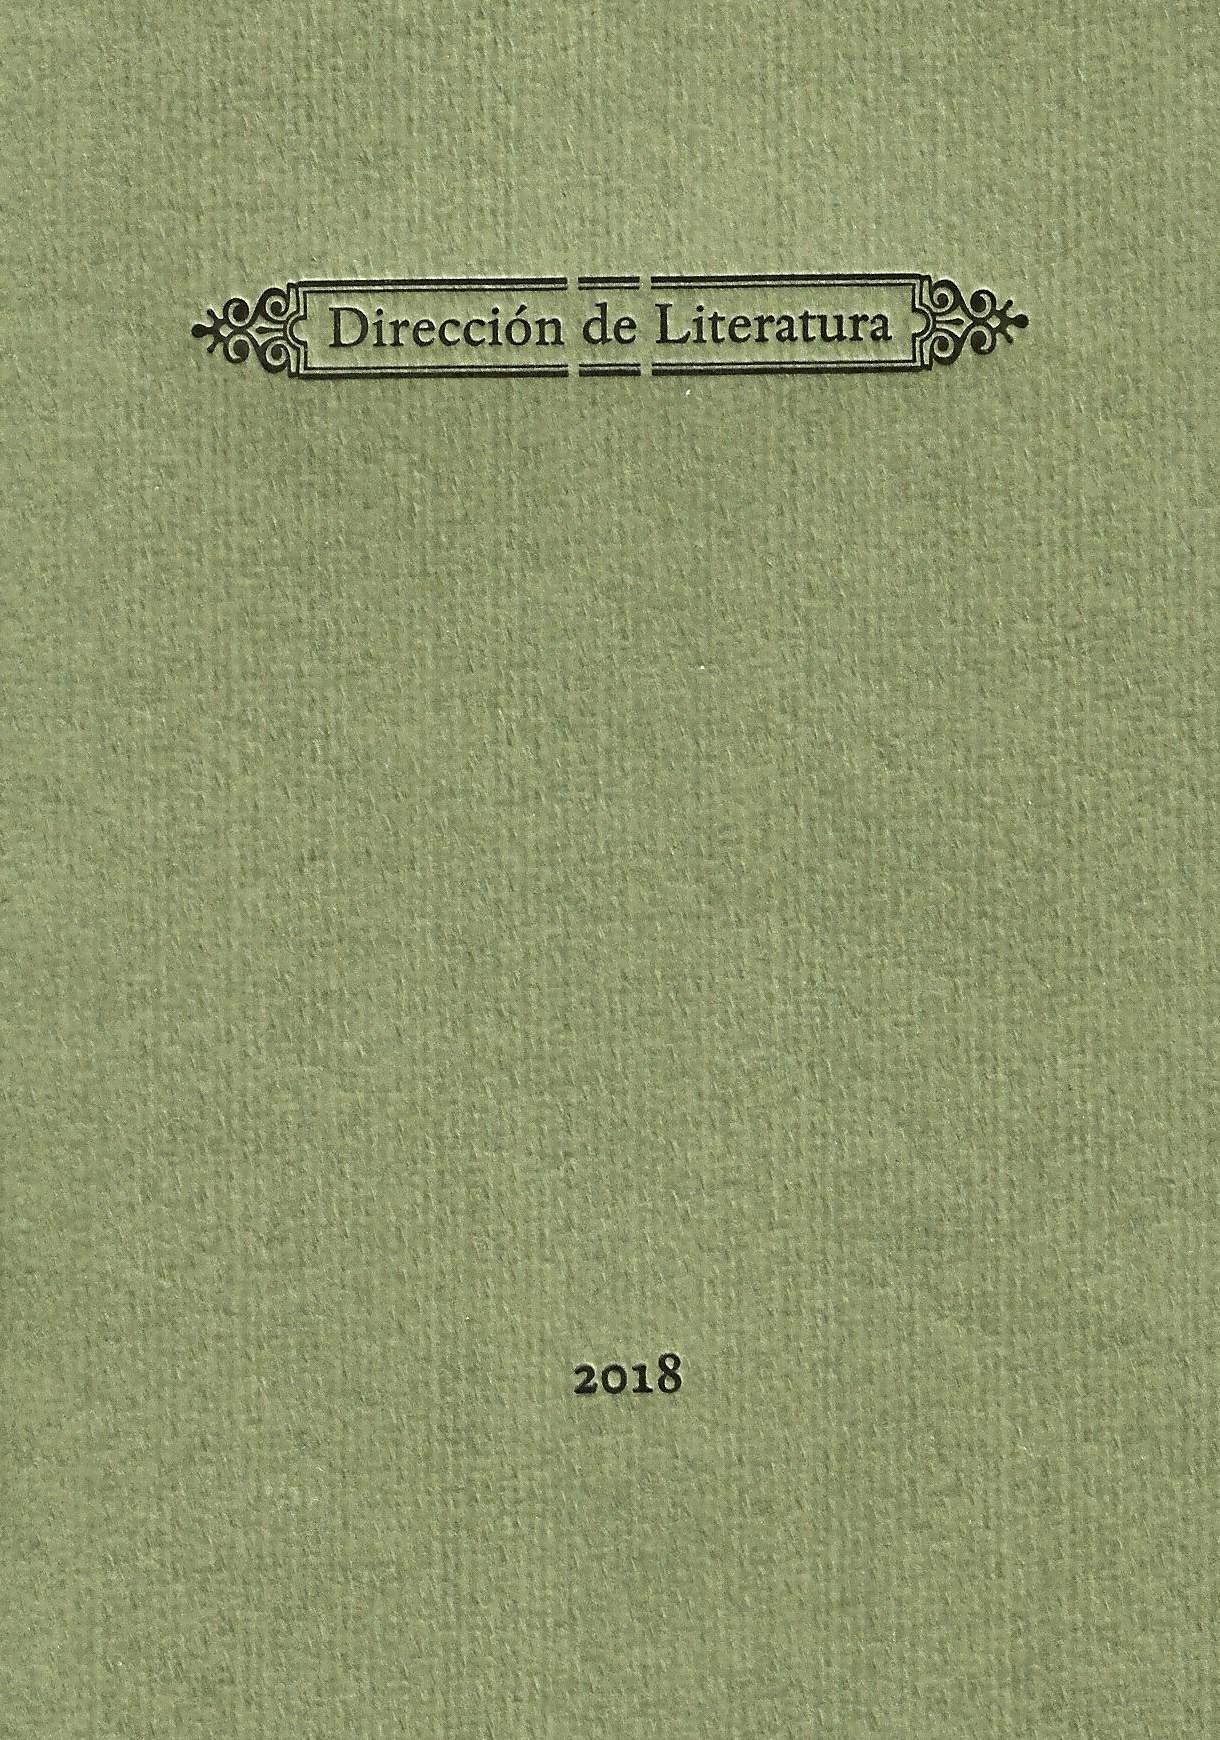 Cuaderno de notas artesanal 2018